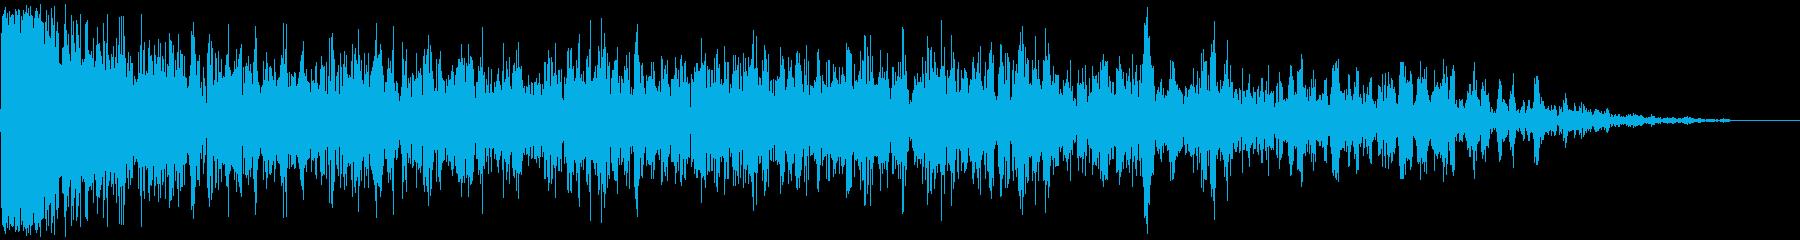 【アンビエント】ドローン_08 実験音の再生済みの波形